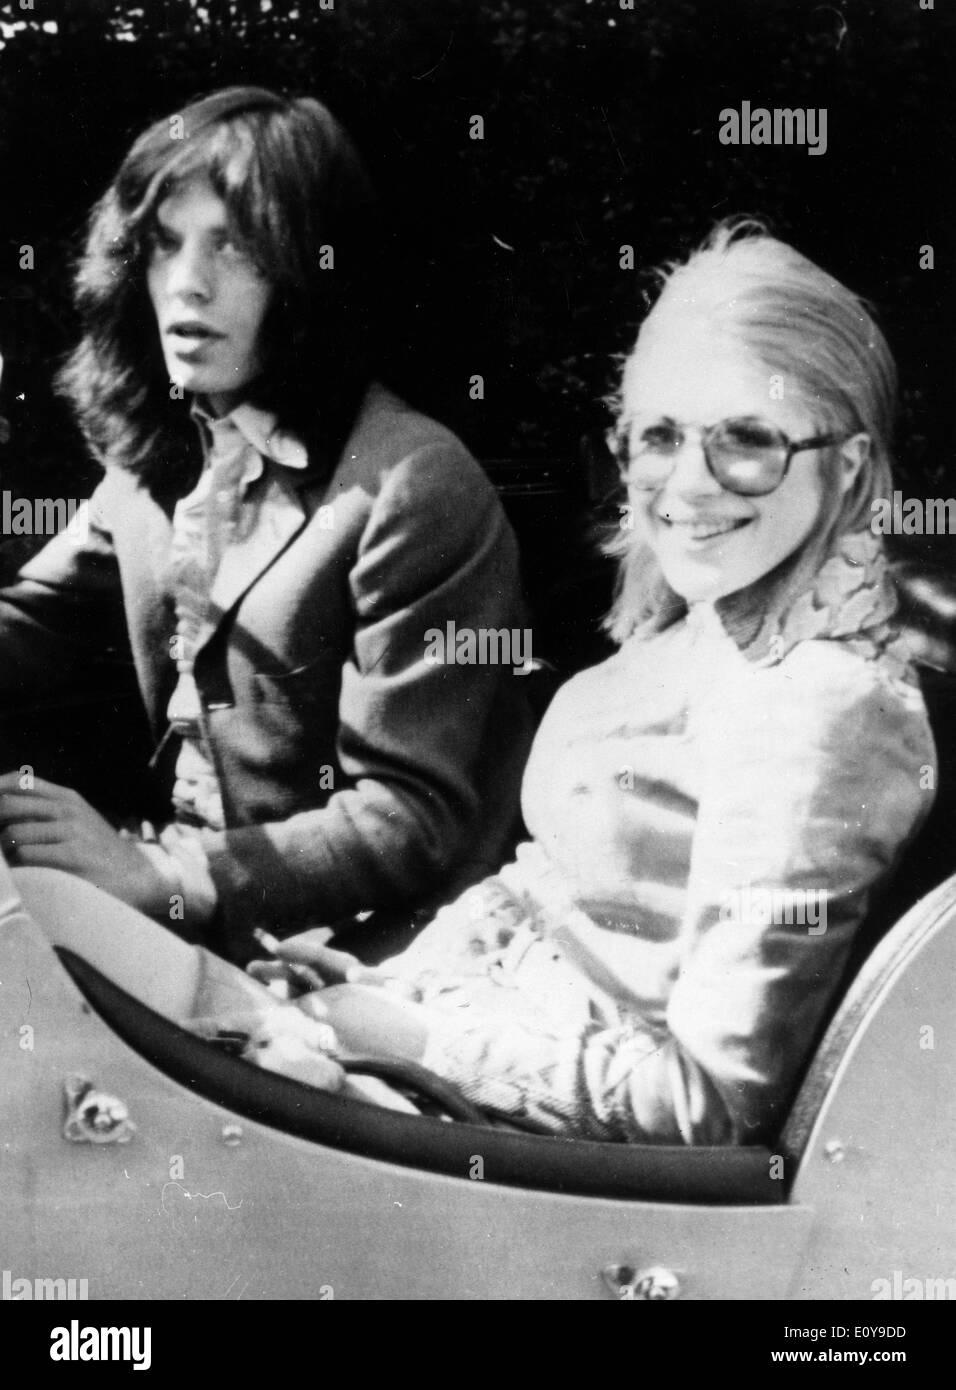 Singer Mick Jagger and Marianne Faithfull leave ballet - Stock Image